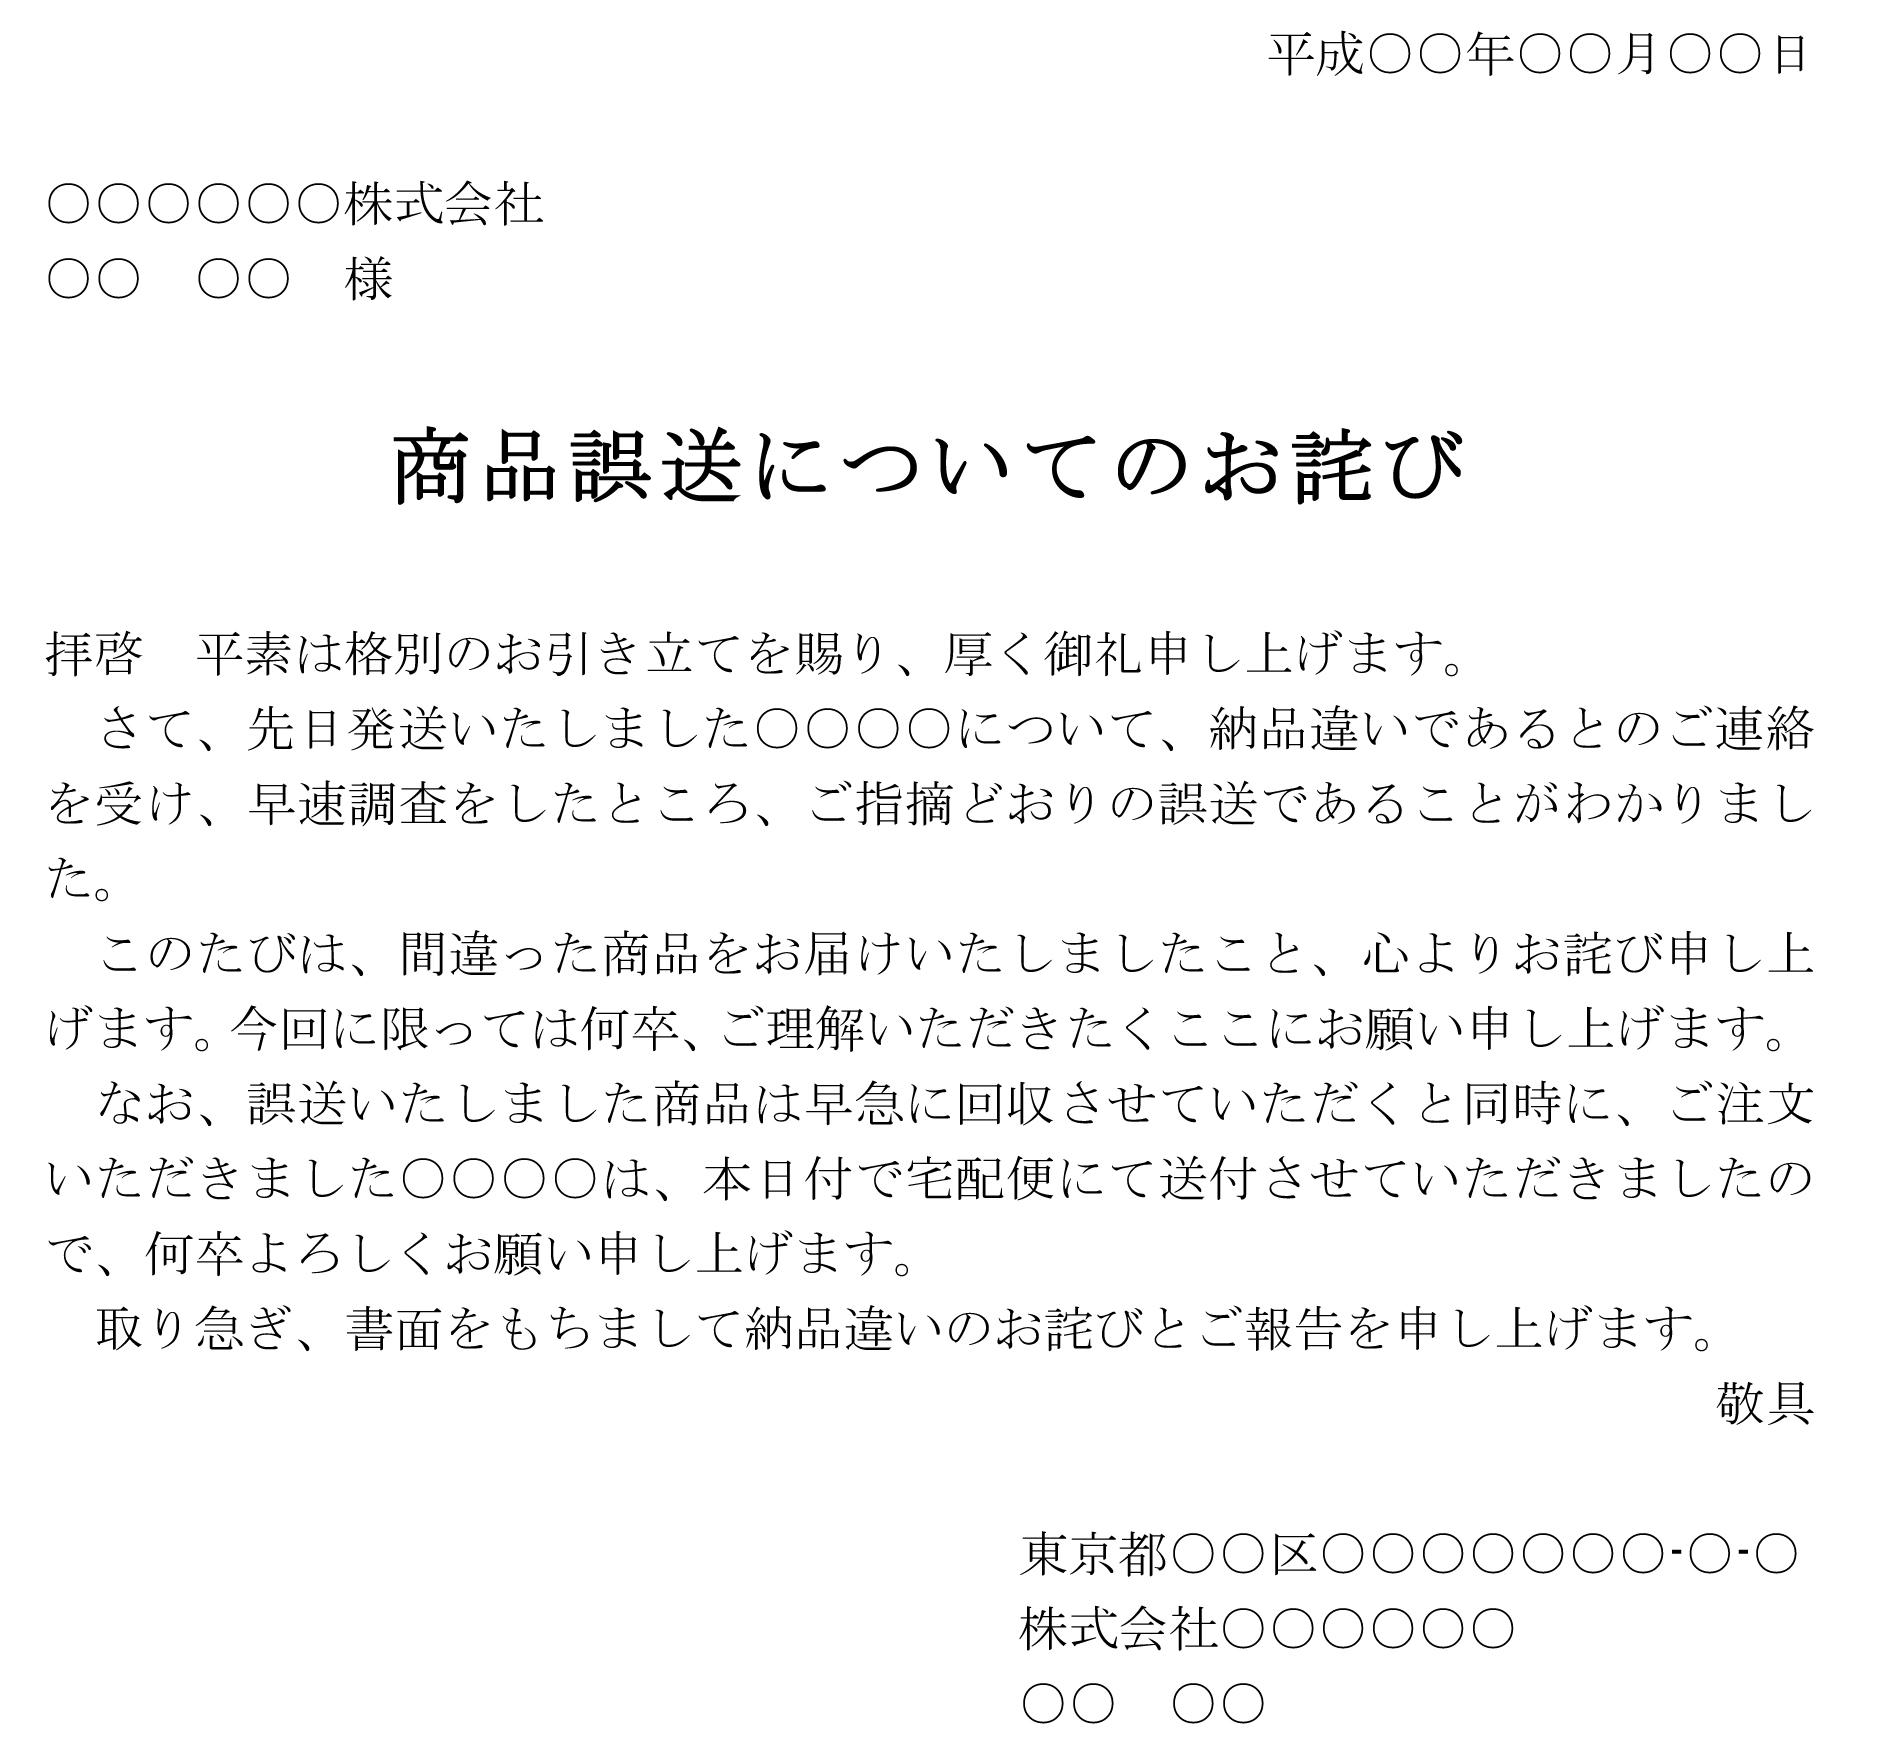 お詫び状(商品誤送)02